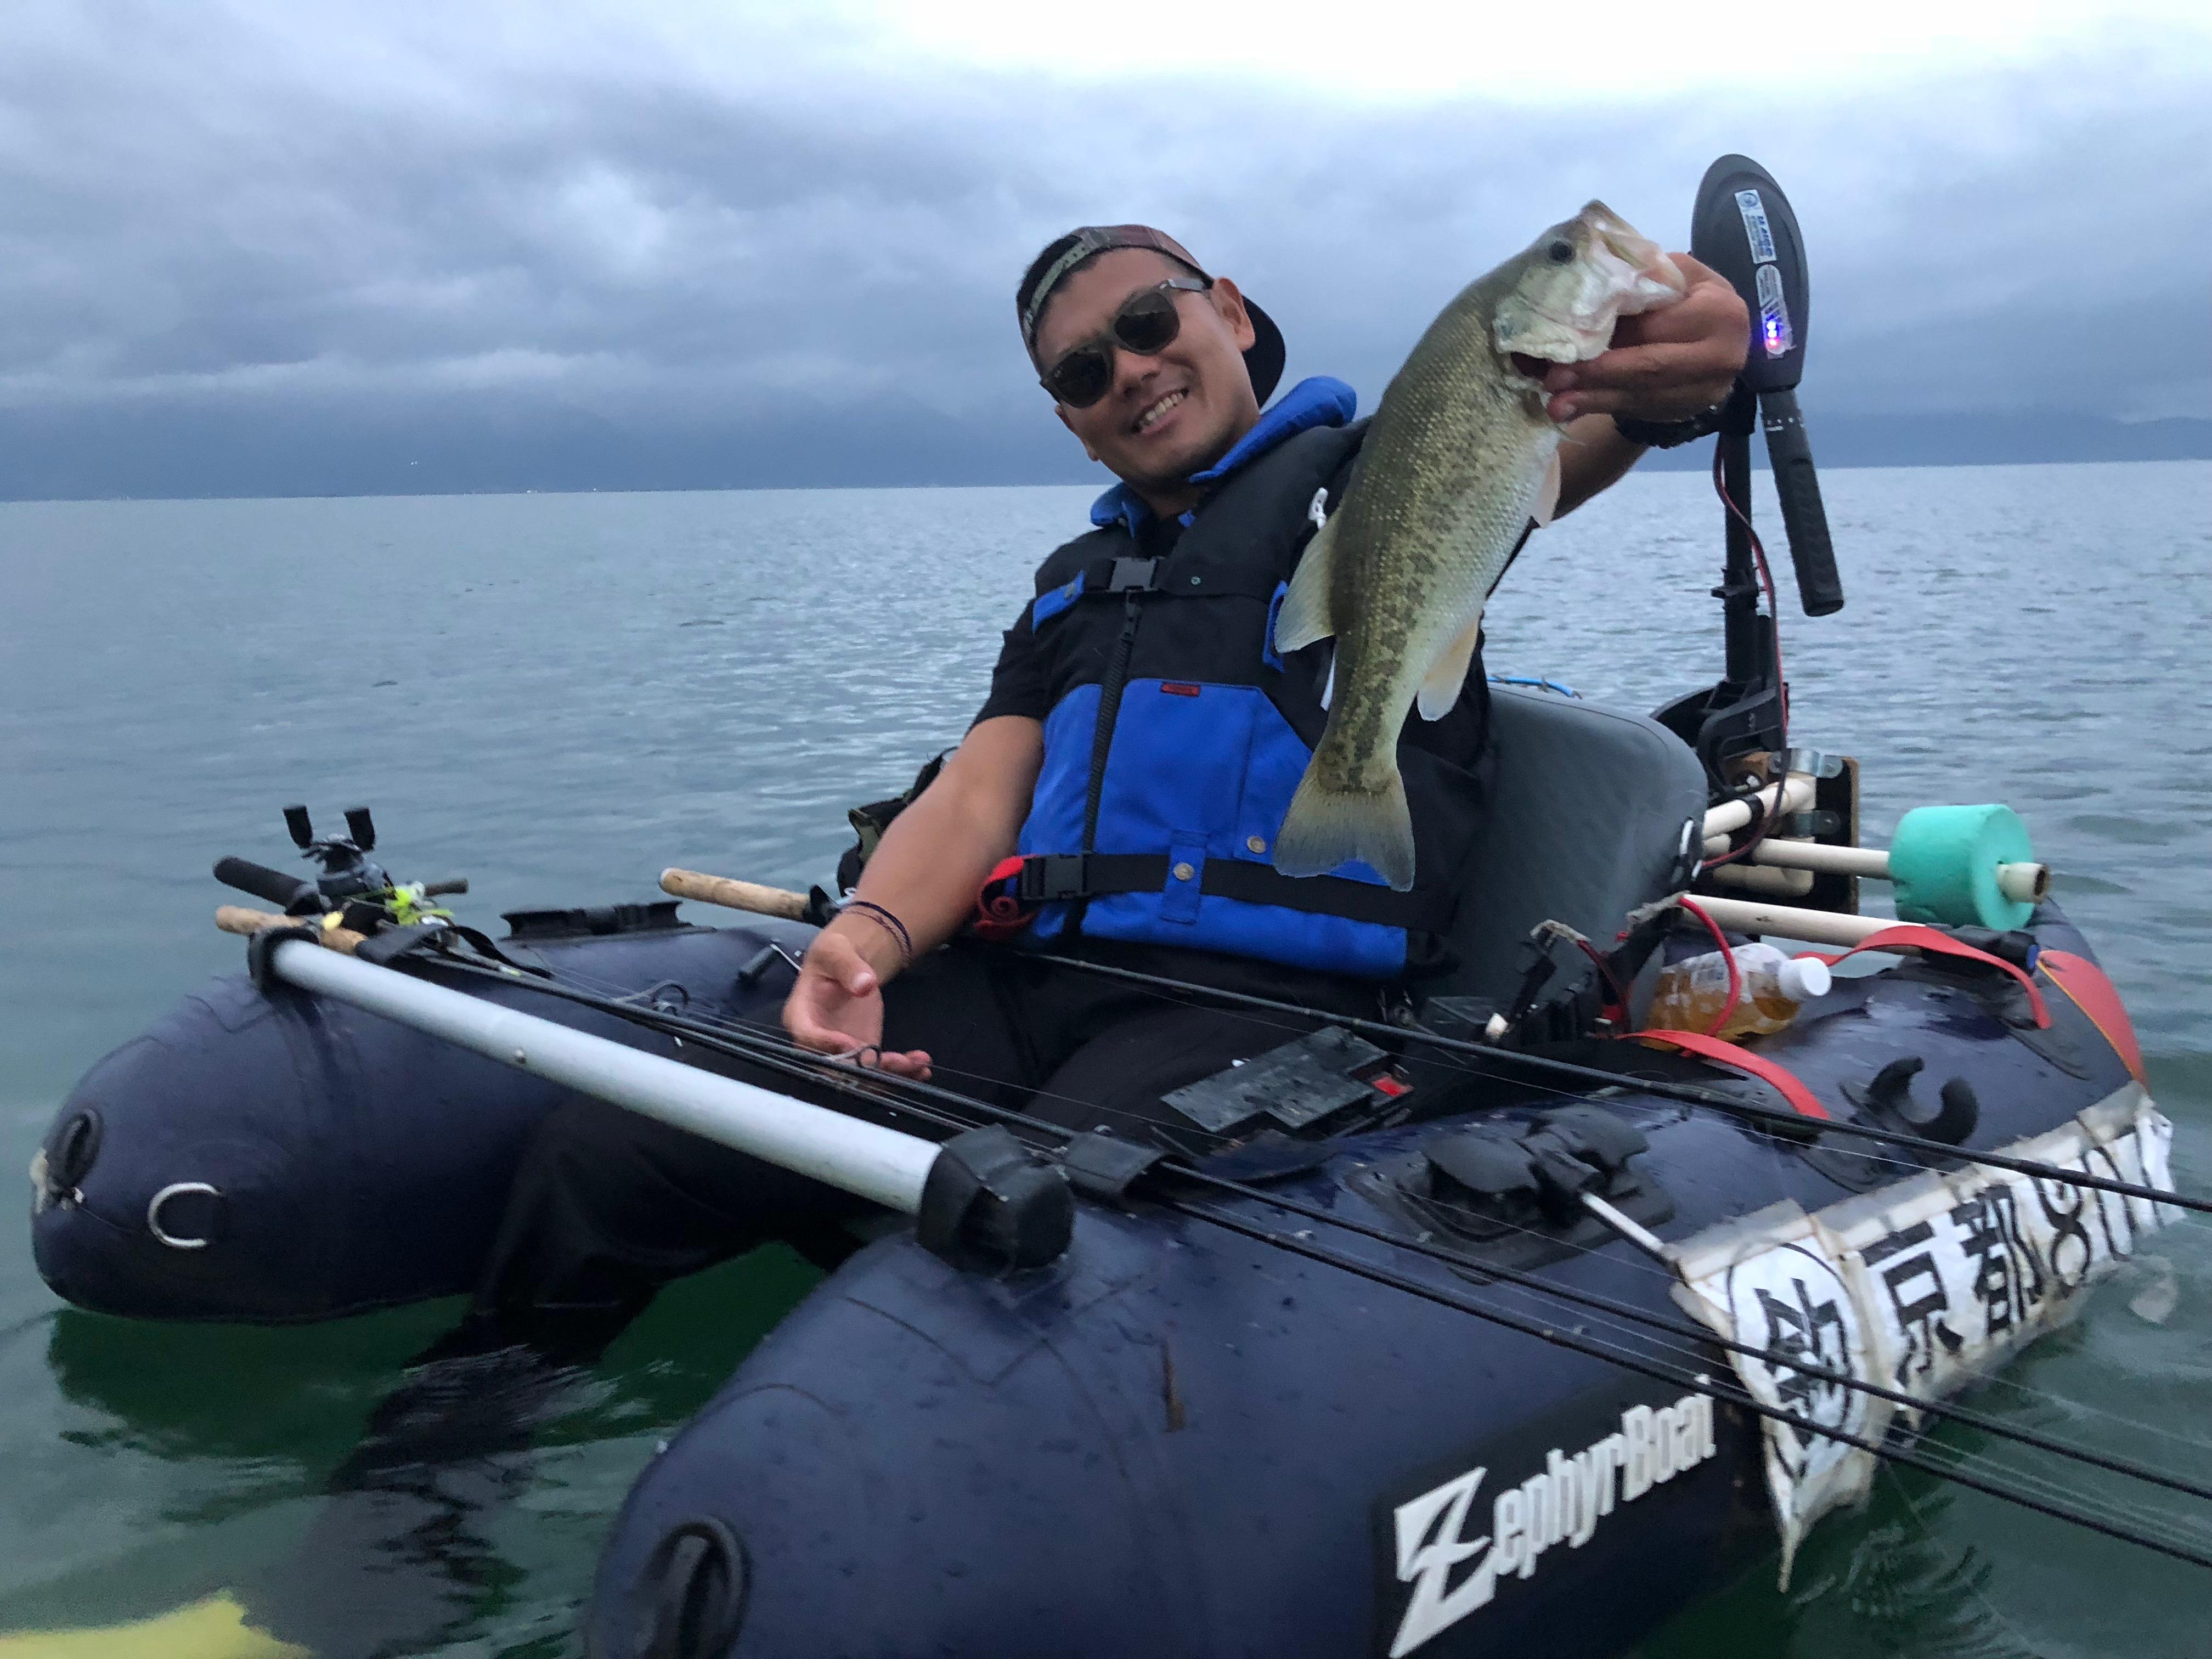 琵琶湖アノストで釣った漁礁バス画像